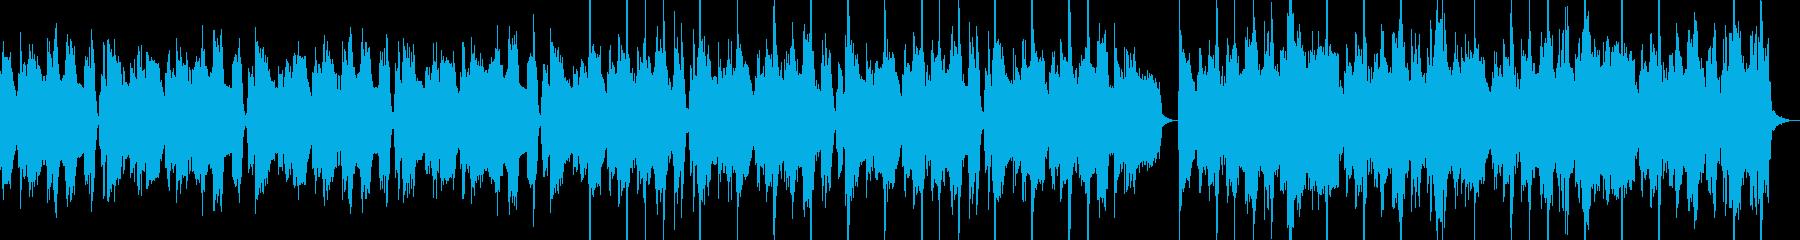 シュール コミカル ギター カッティングの再生済みの波形